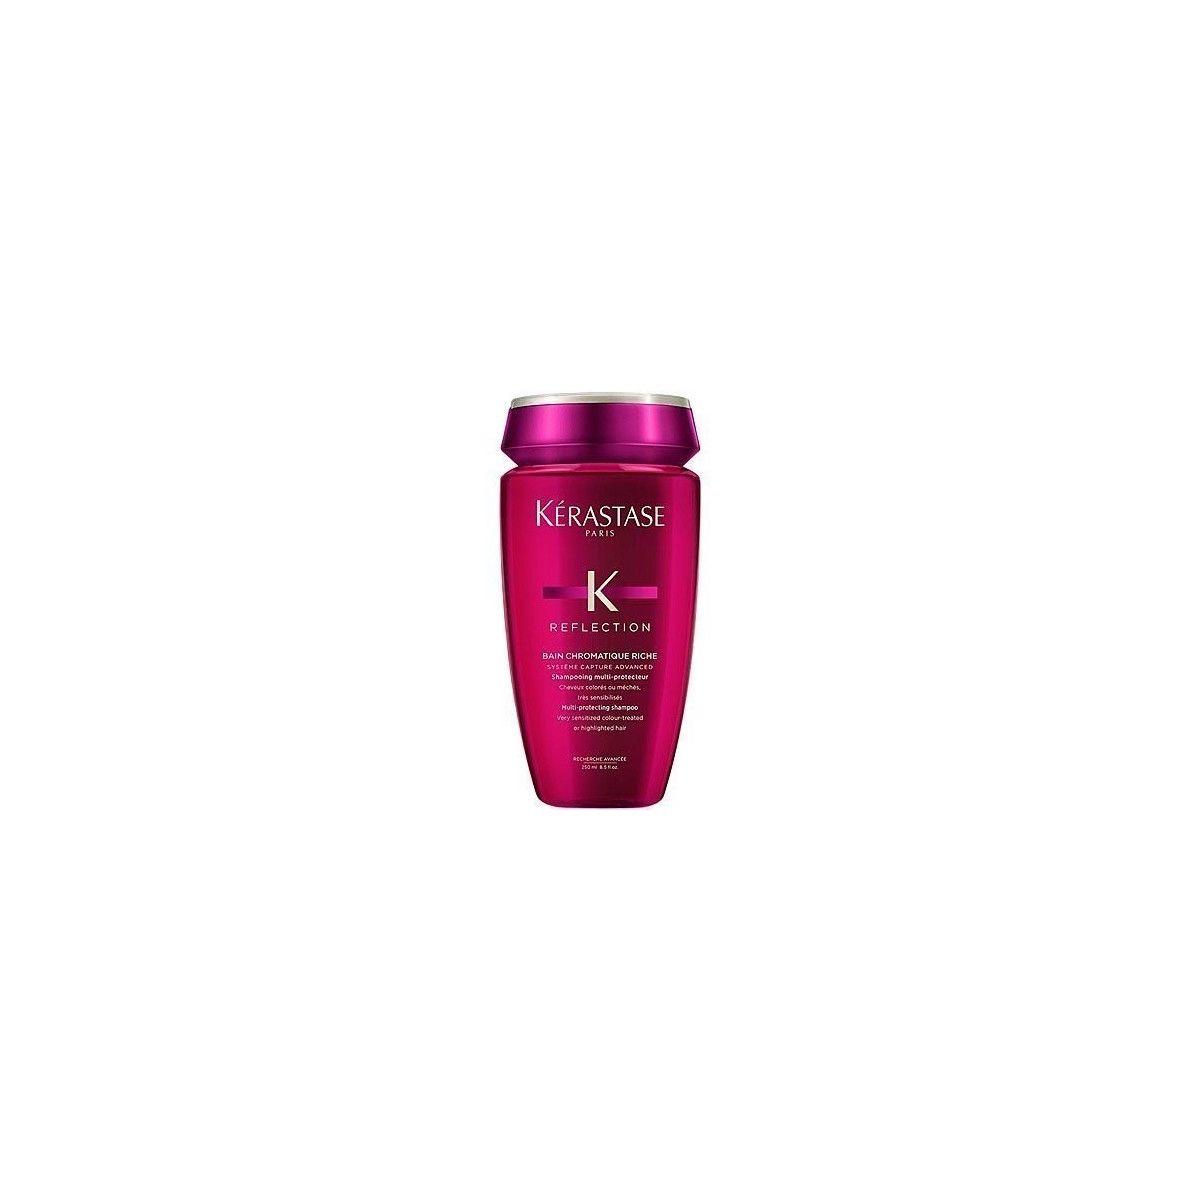 KERASTASE Reflection Chromatique Bain Riche, kąpiel szampon do włosów farbowanych 250ml